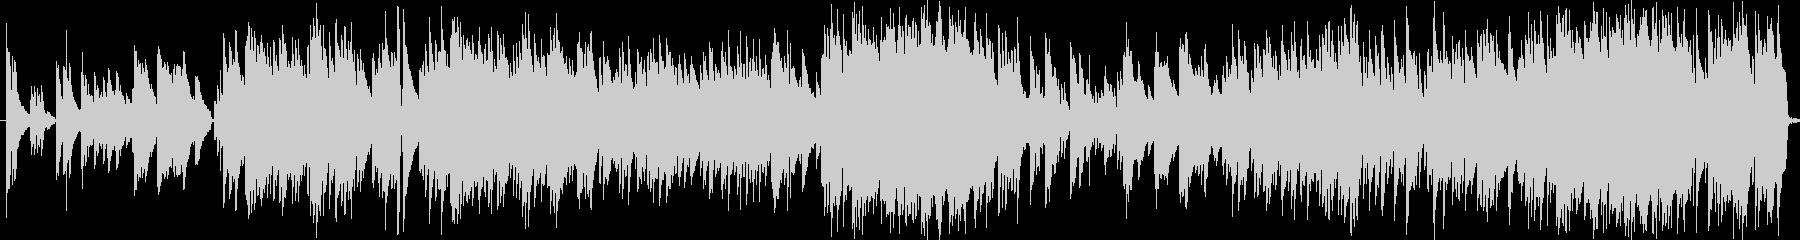 感動的なピアノソロの未再生の波形